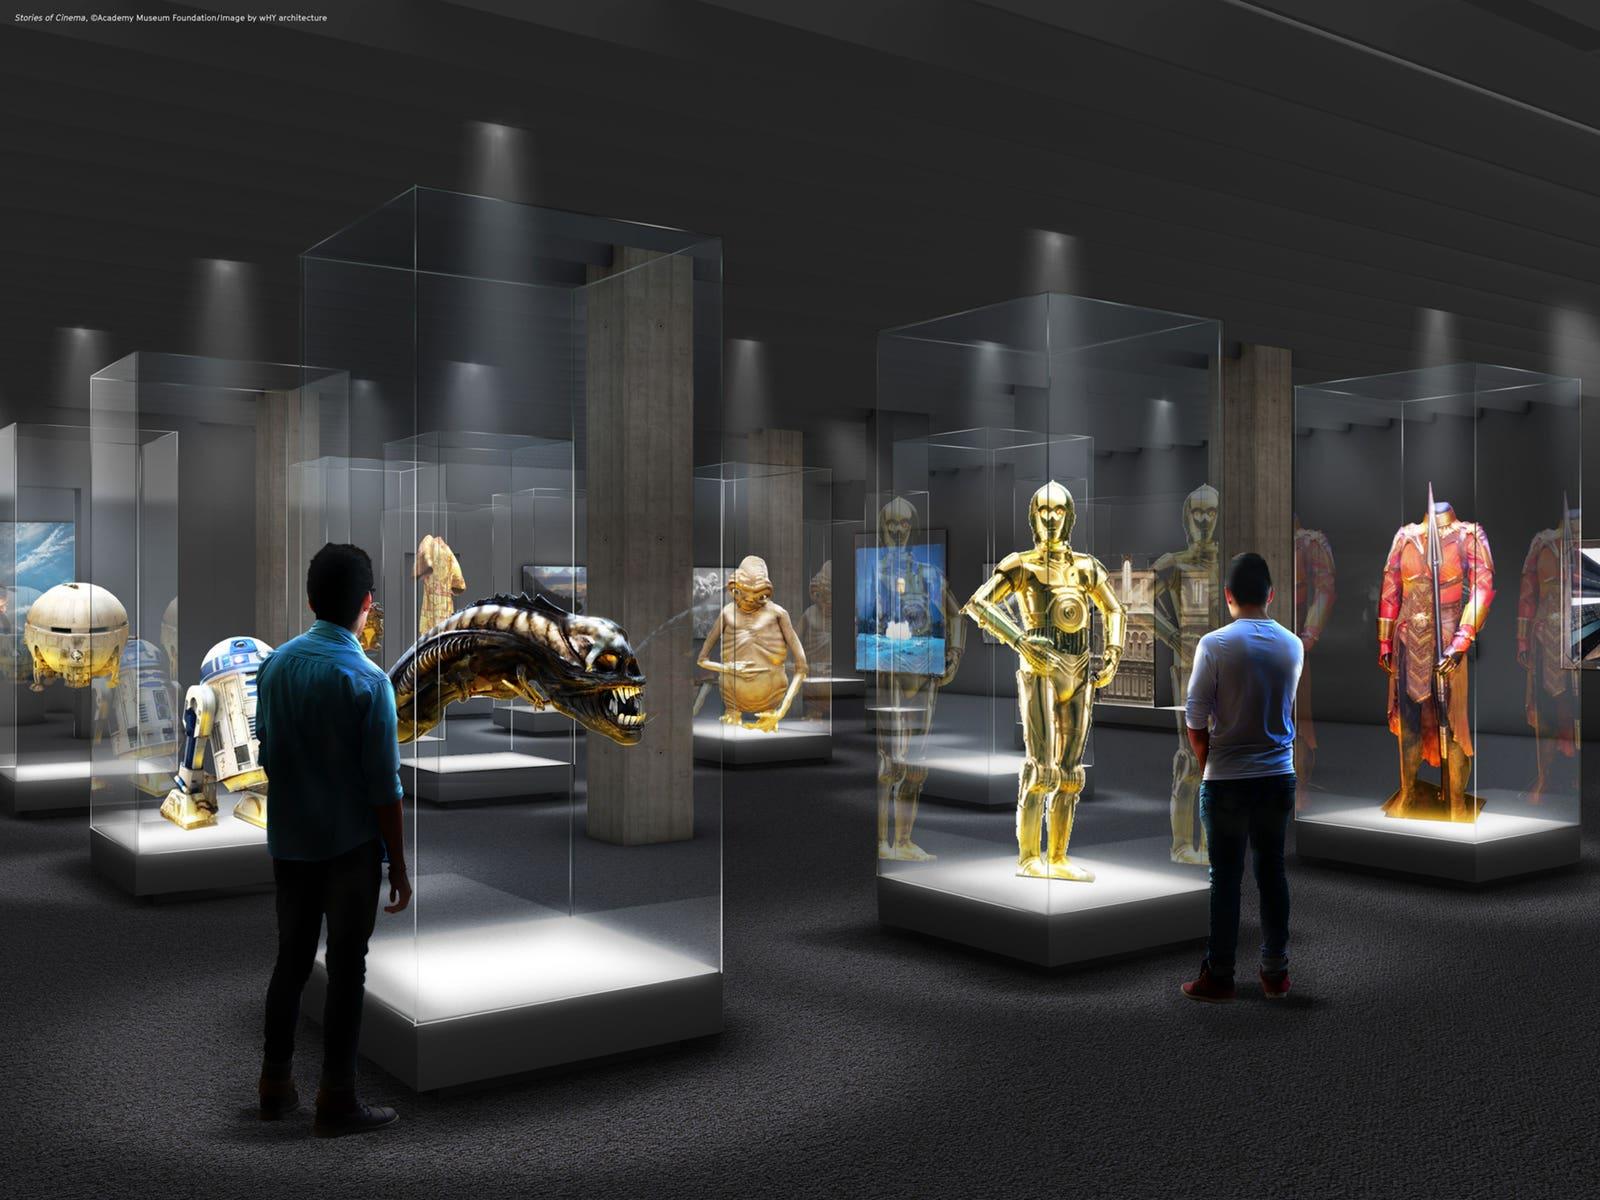 ۸ لباس و شیء مربوط به فیلم های مشهور که در موزه آکادمی به نمایش درآمده اند